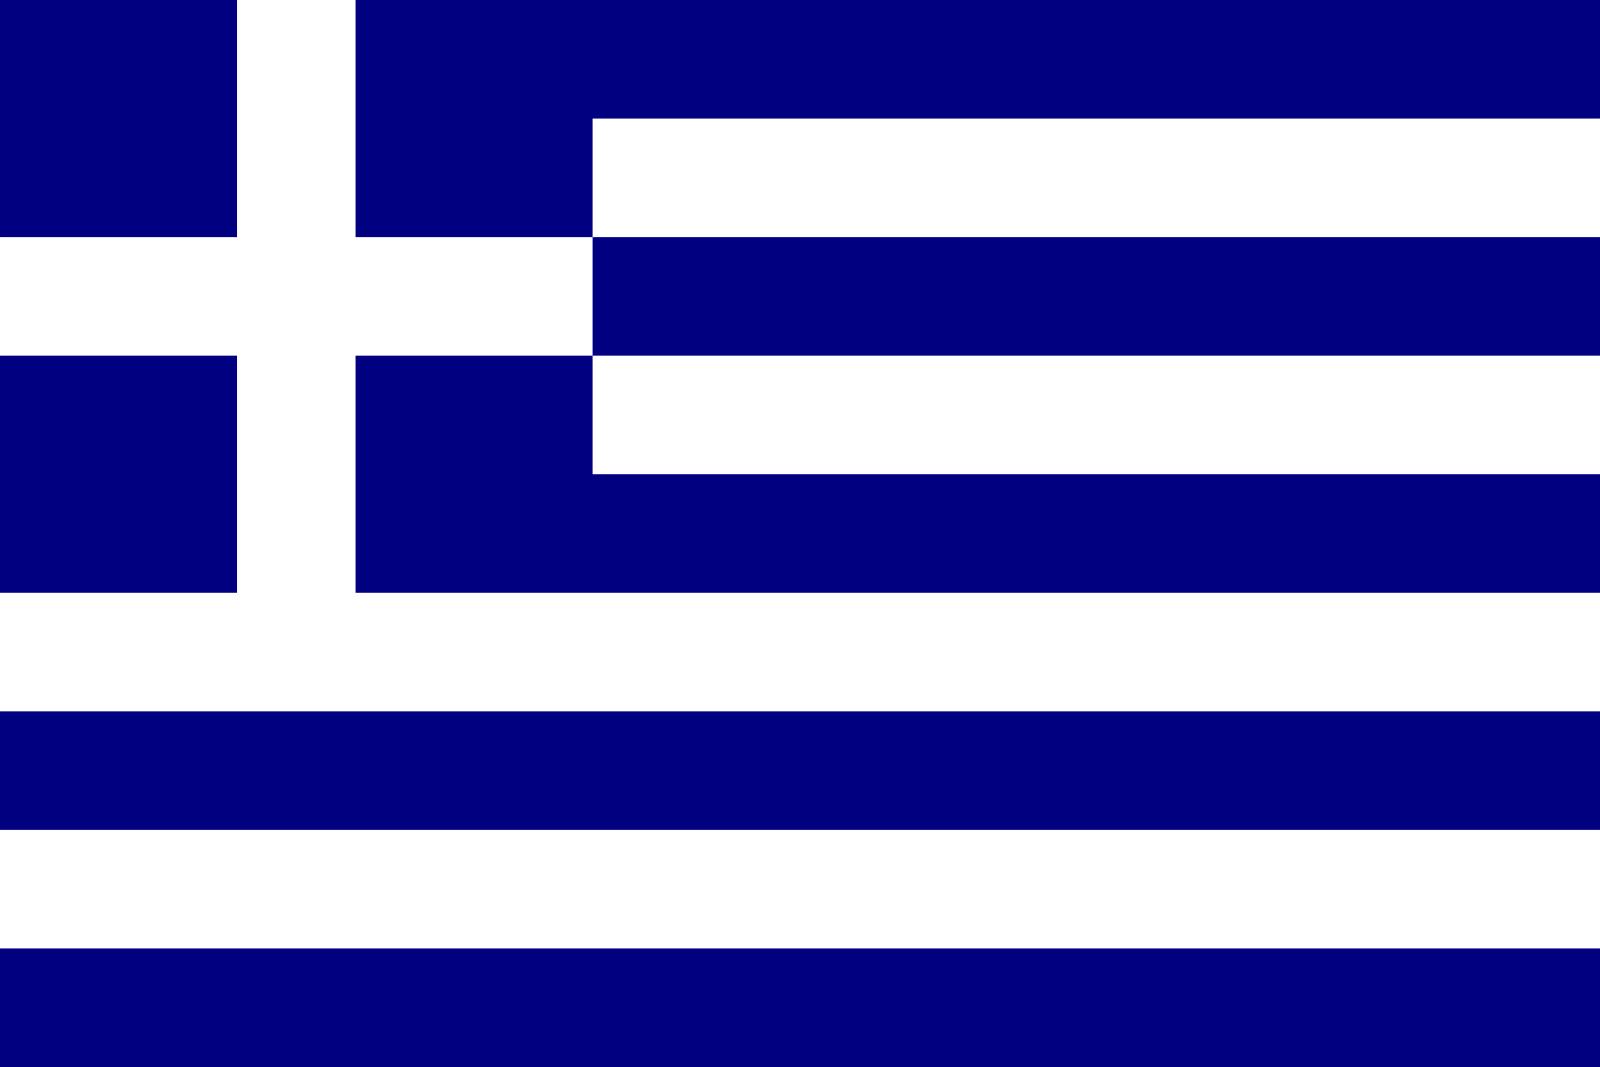 Grecia Bandera Actual Bandera Nacional de Grecia